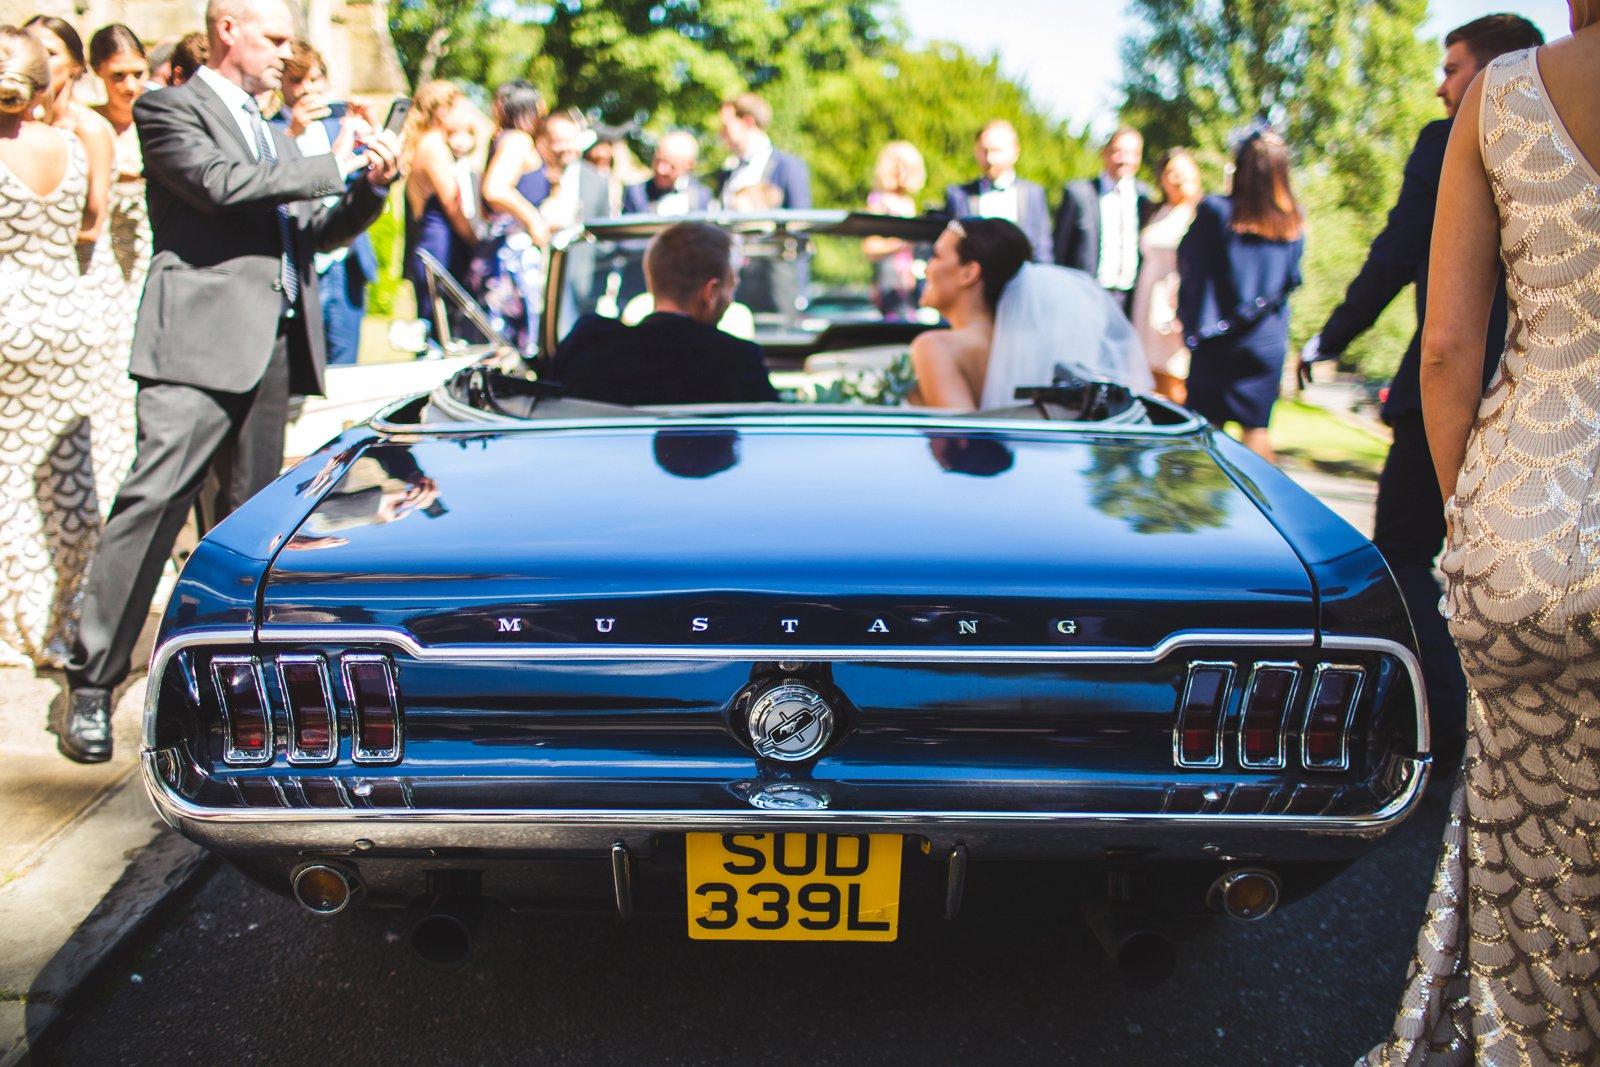 Sheffield wedding car